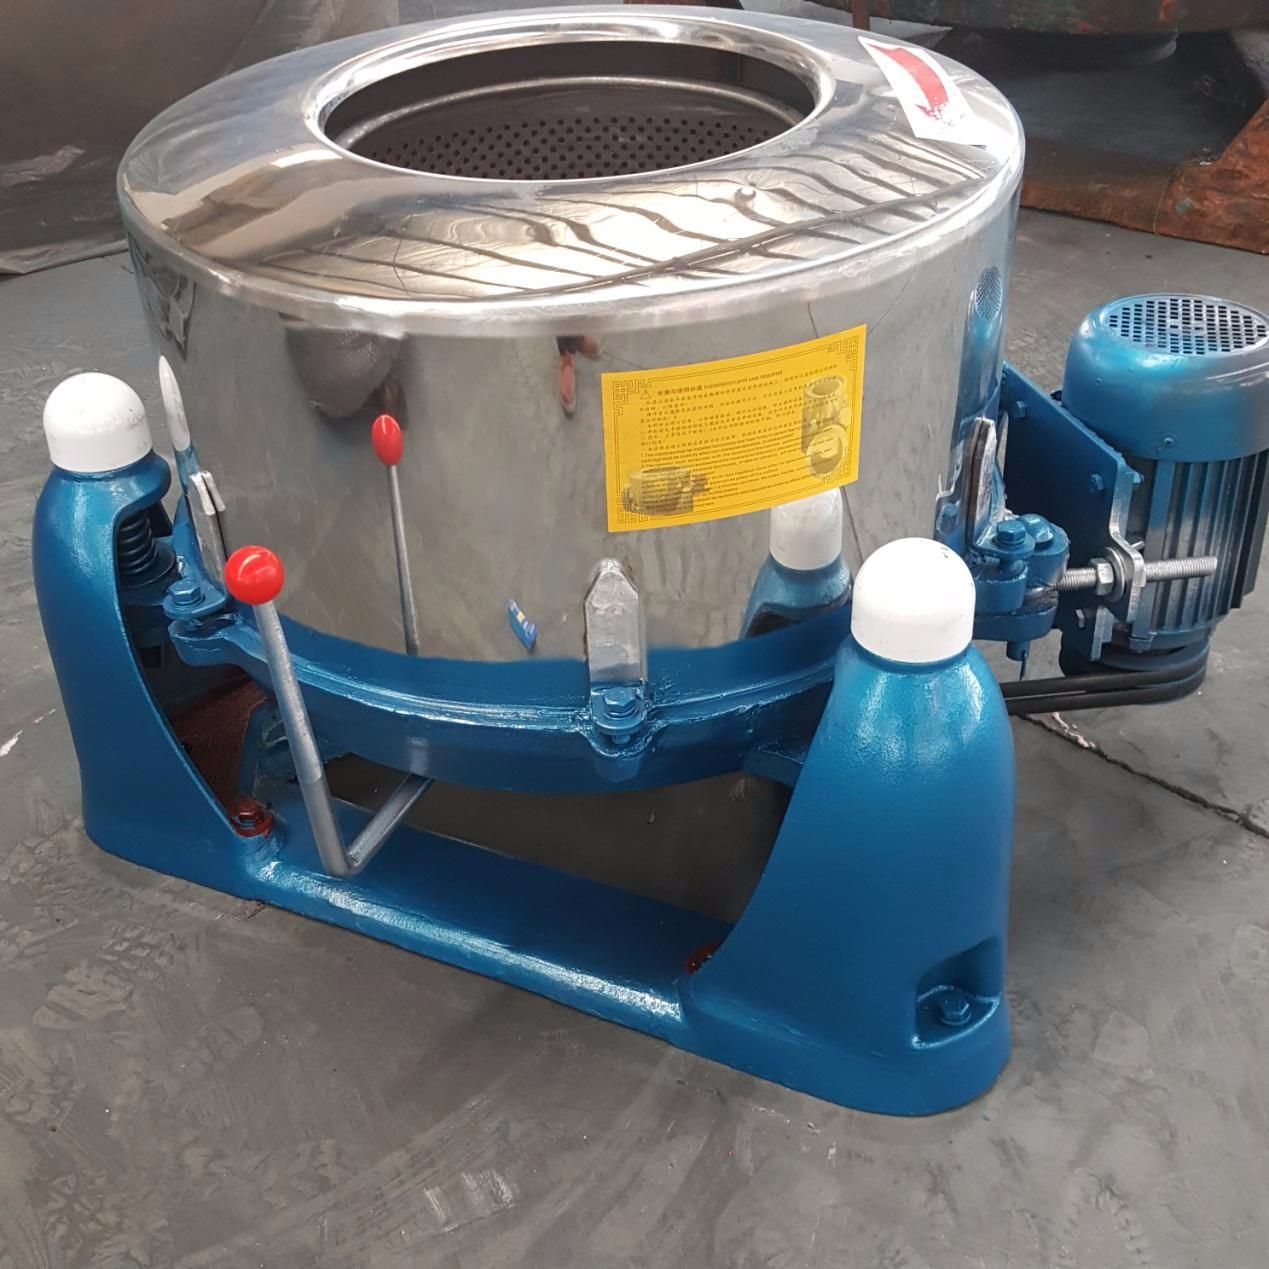 专业脱水机价格/正品隔离式洗脱机生产厂家/泰州锦衣卫机械制造有限公司